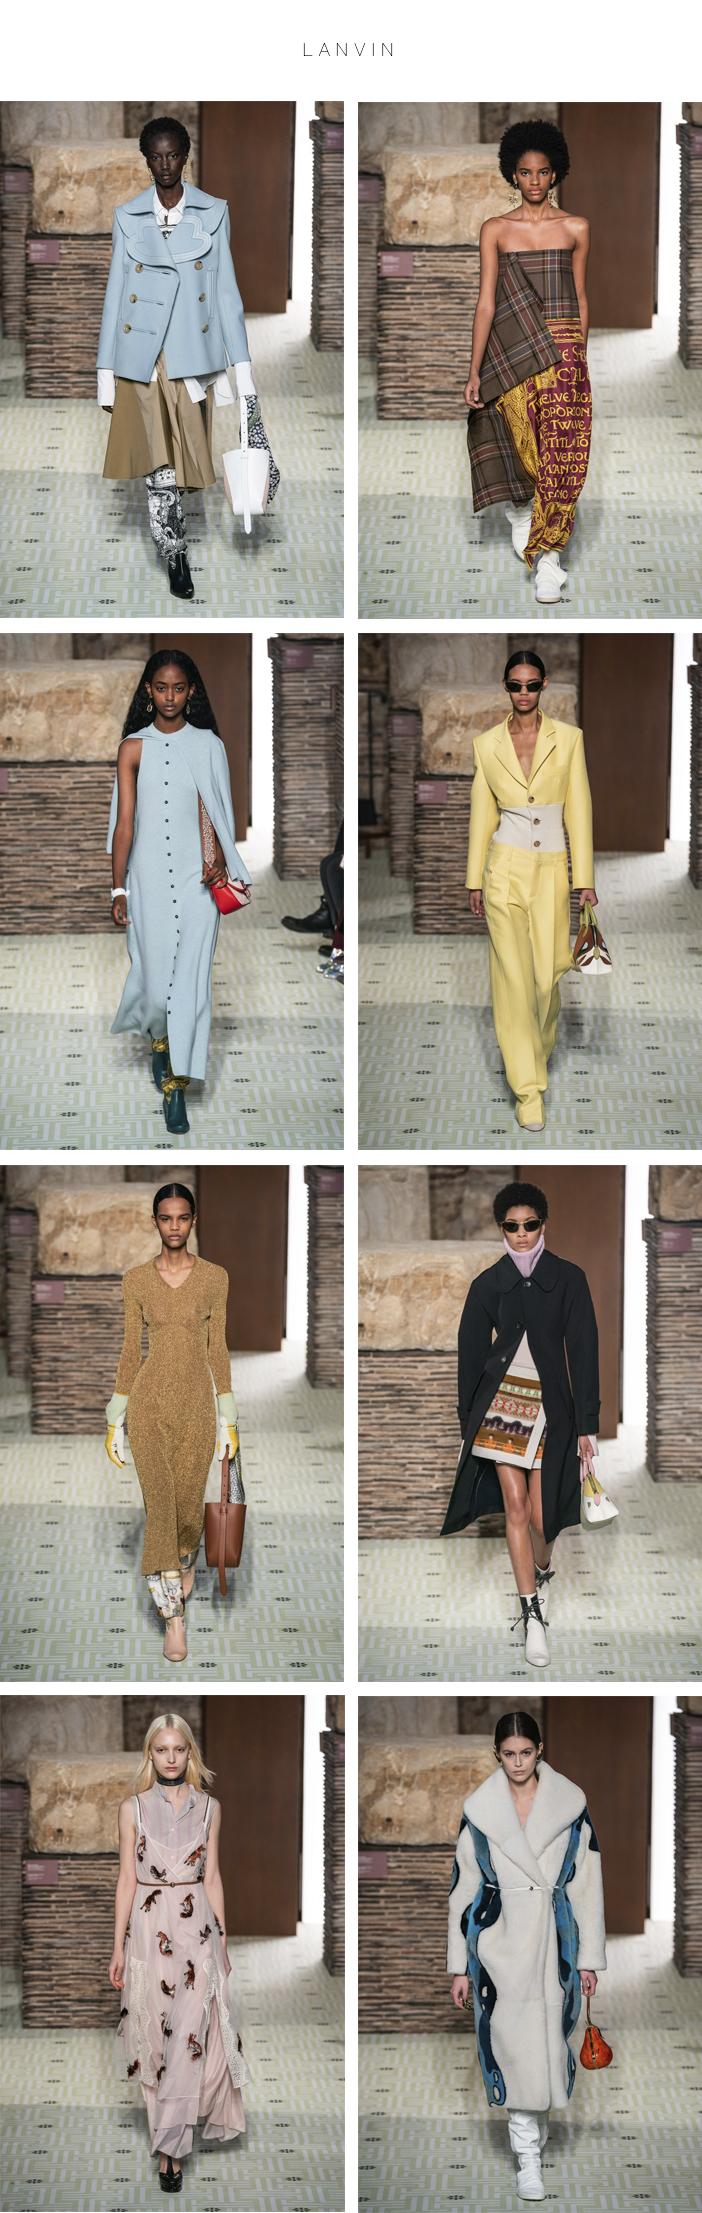 Semana de Moda de Paris - Inverno 2019 - Parte 1 - Lanvin